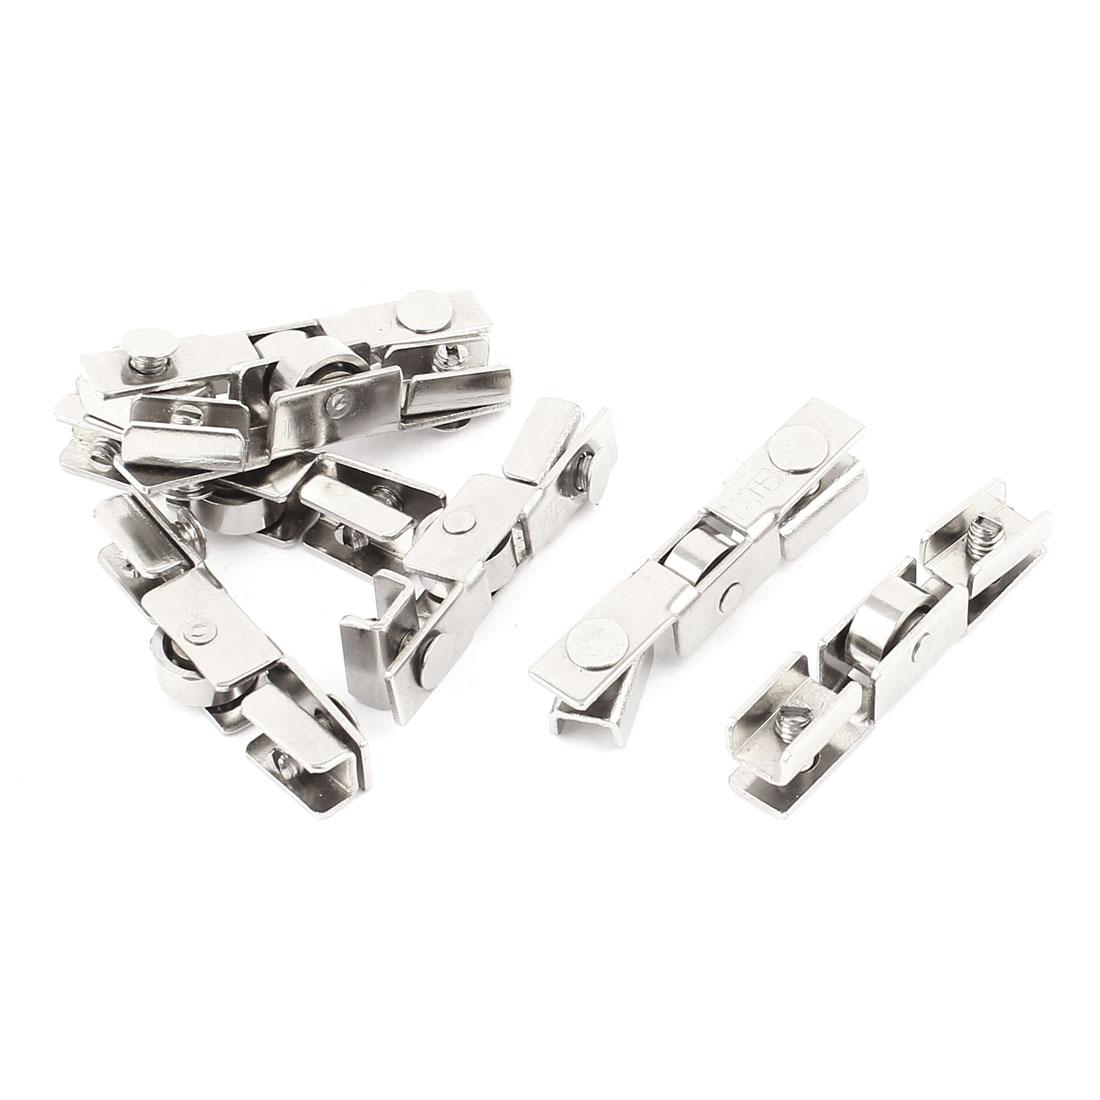 Uxcell Wardrobe Closet Slide Door 10mm Dia Metal Wheel Roller Replacement 7pcs